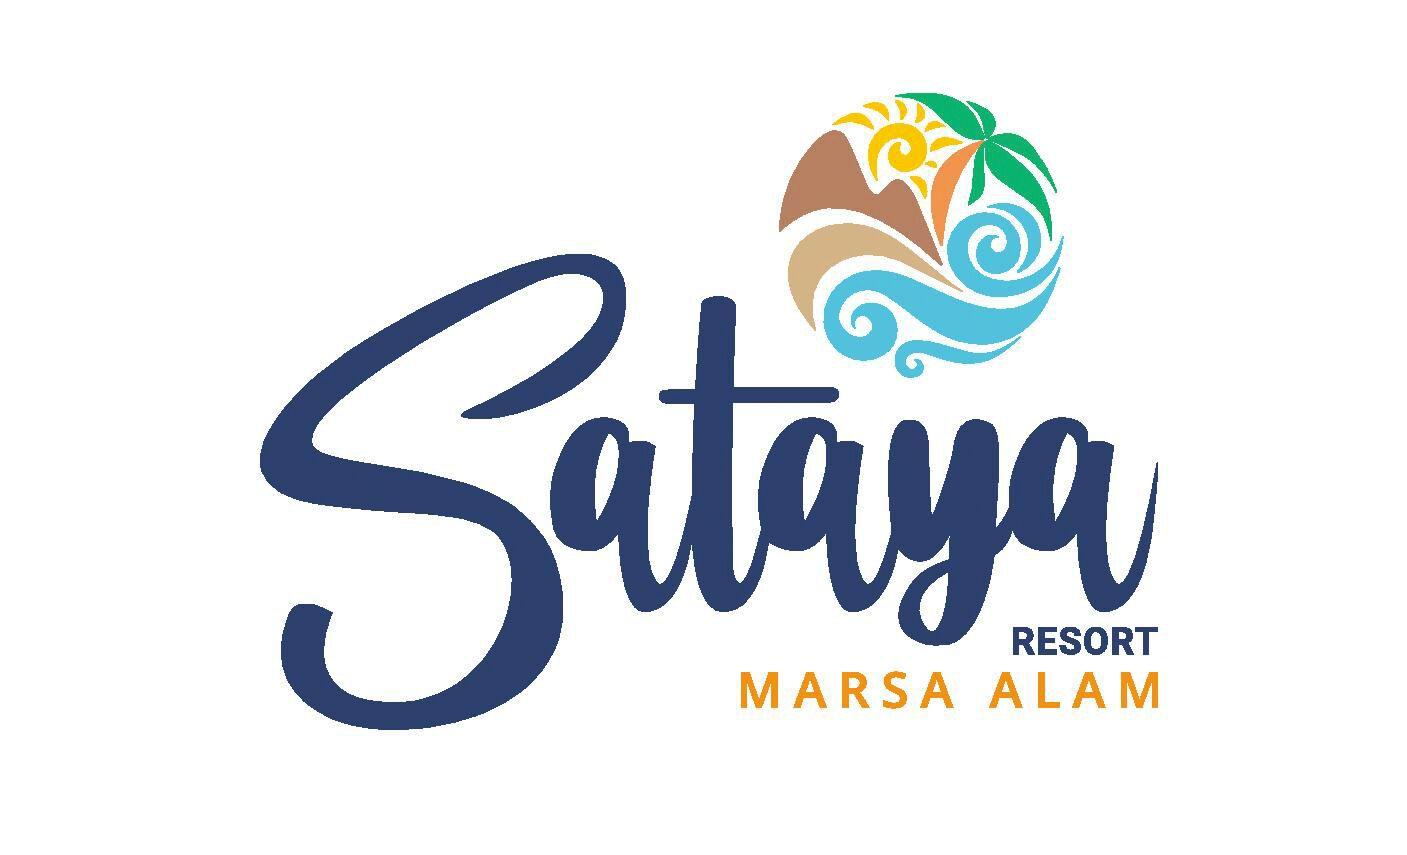 Sataya Marsa Alam Resort